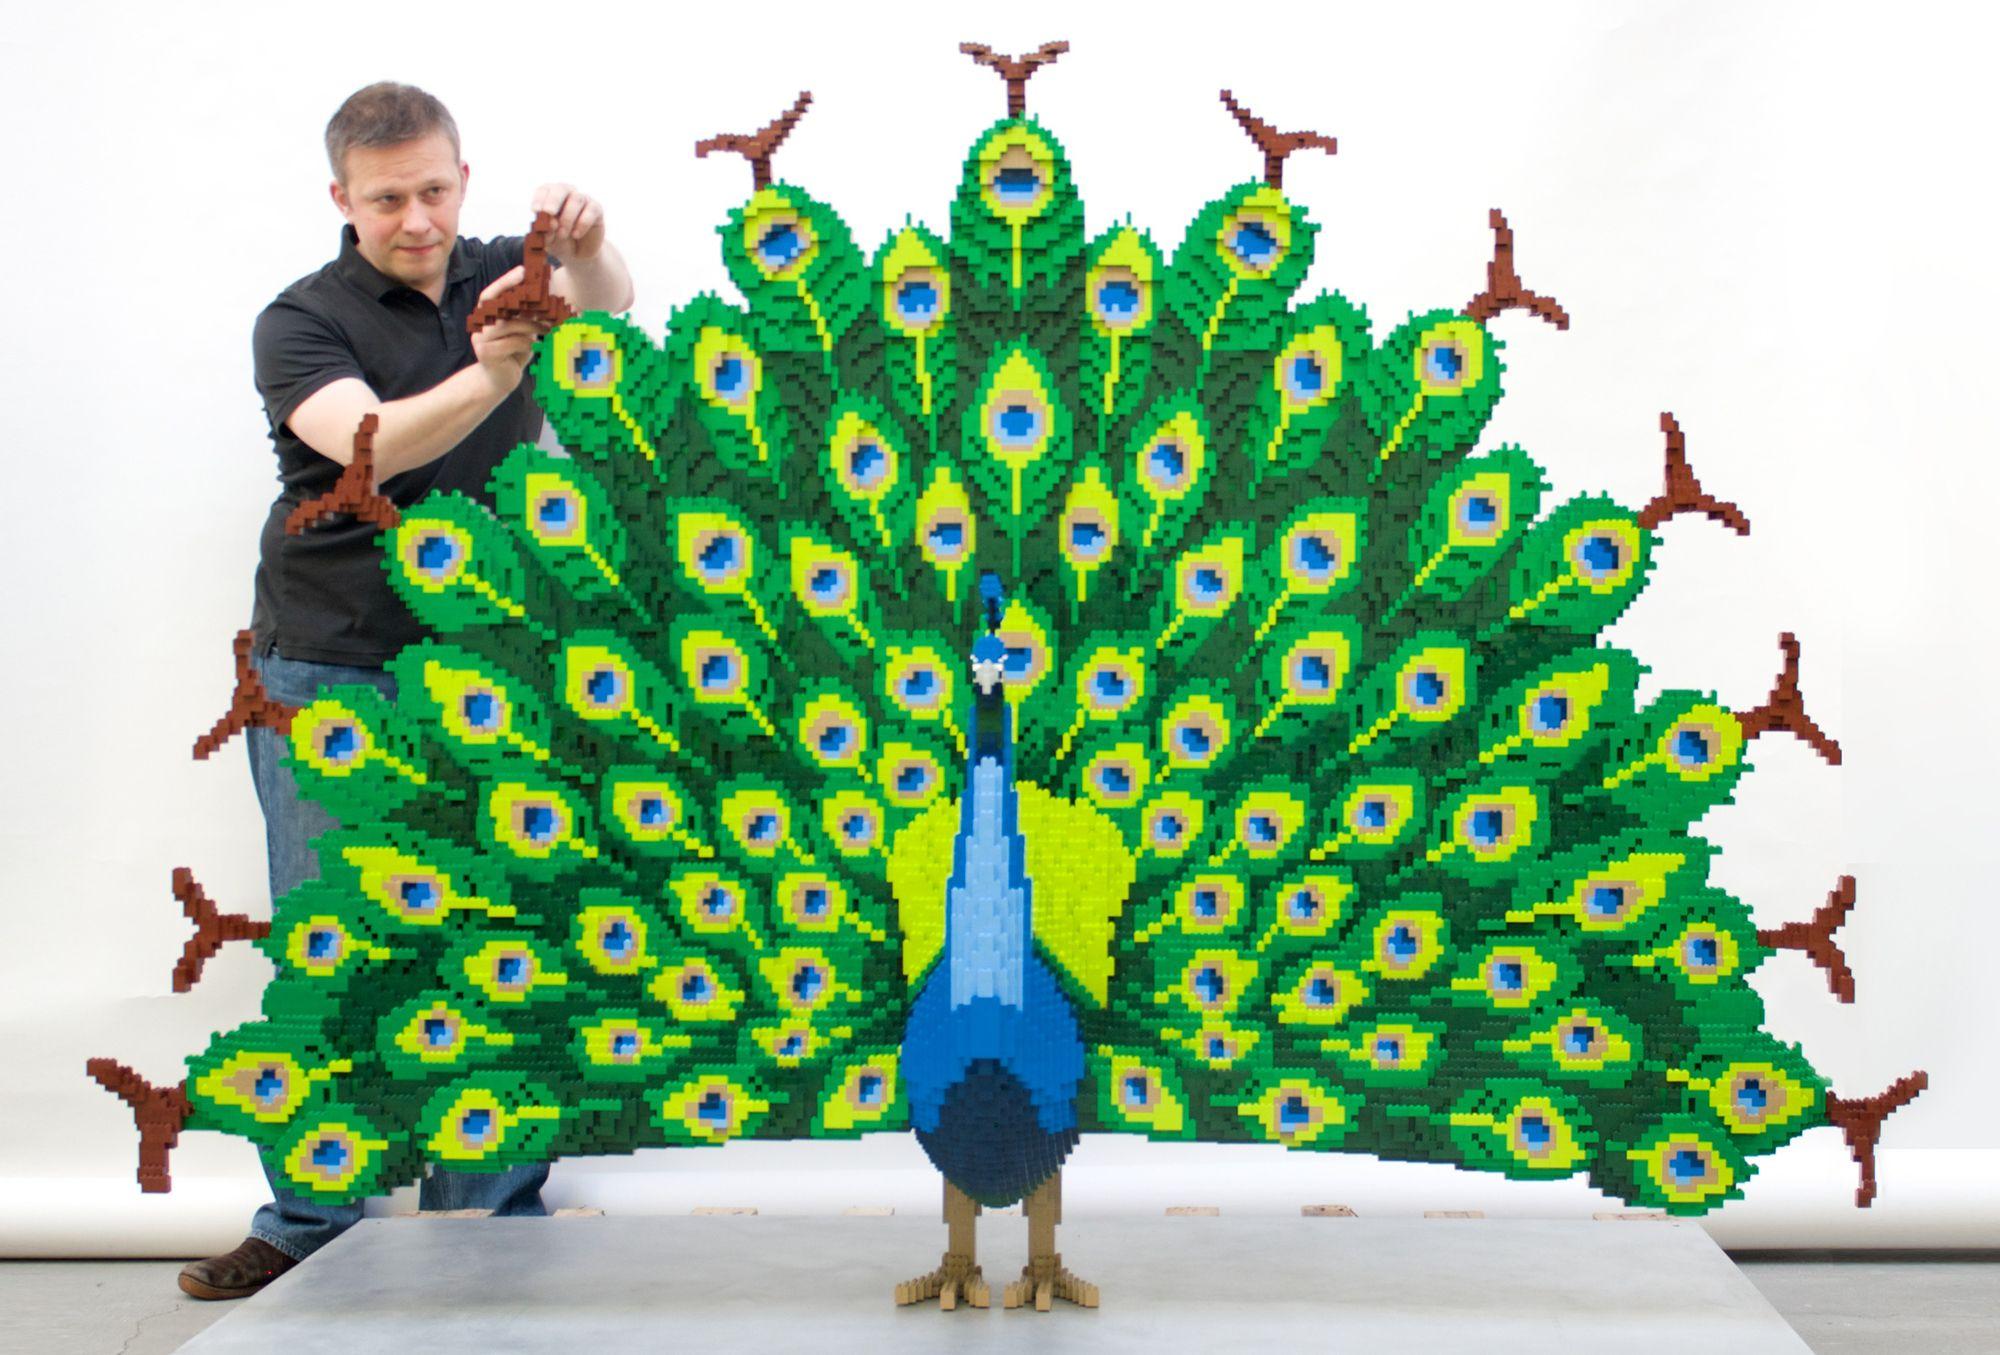 Arboretum Hosts Lego Art Exhibit Awesome Design